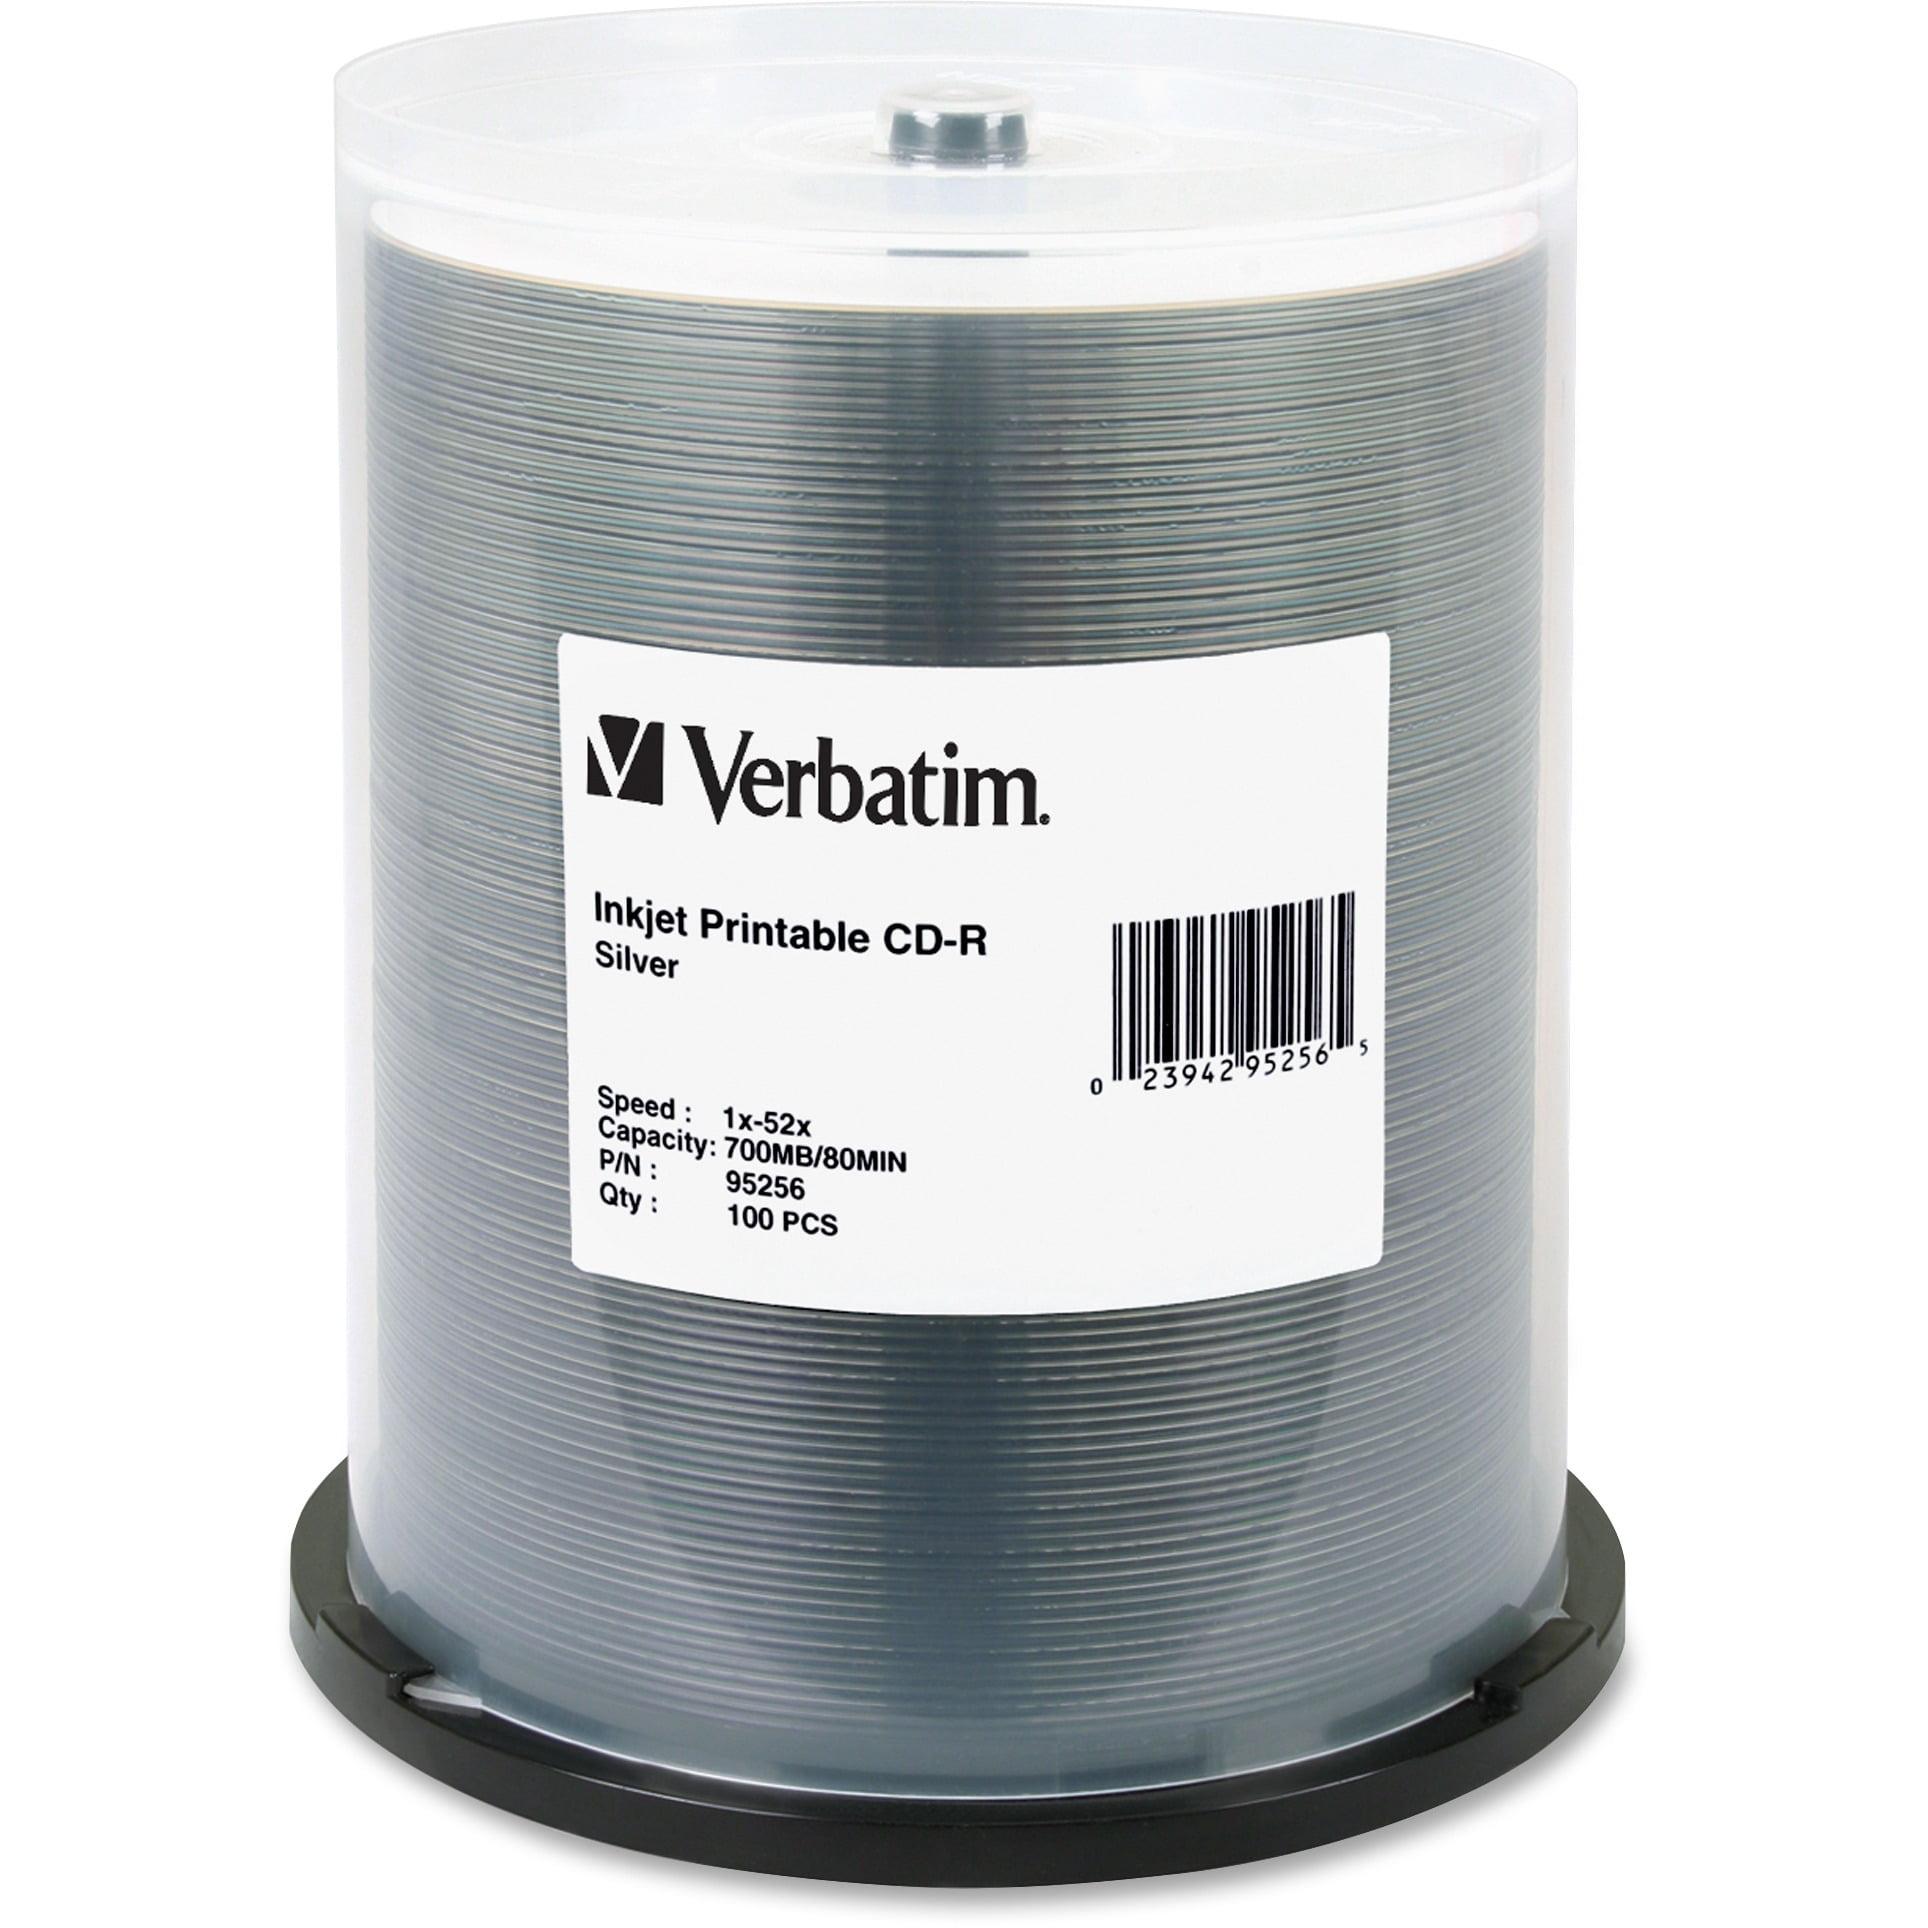 Verbatim, VER95256, Inkjet Silver Print CD-R Discs, 100, Silver